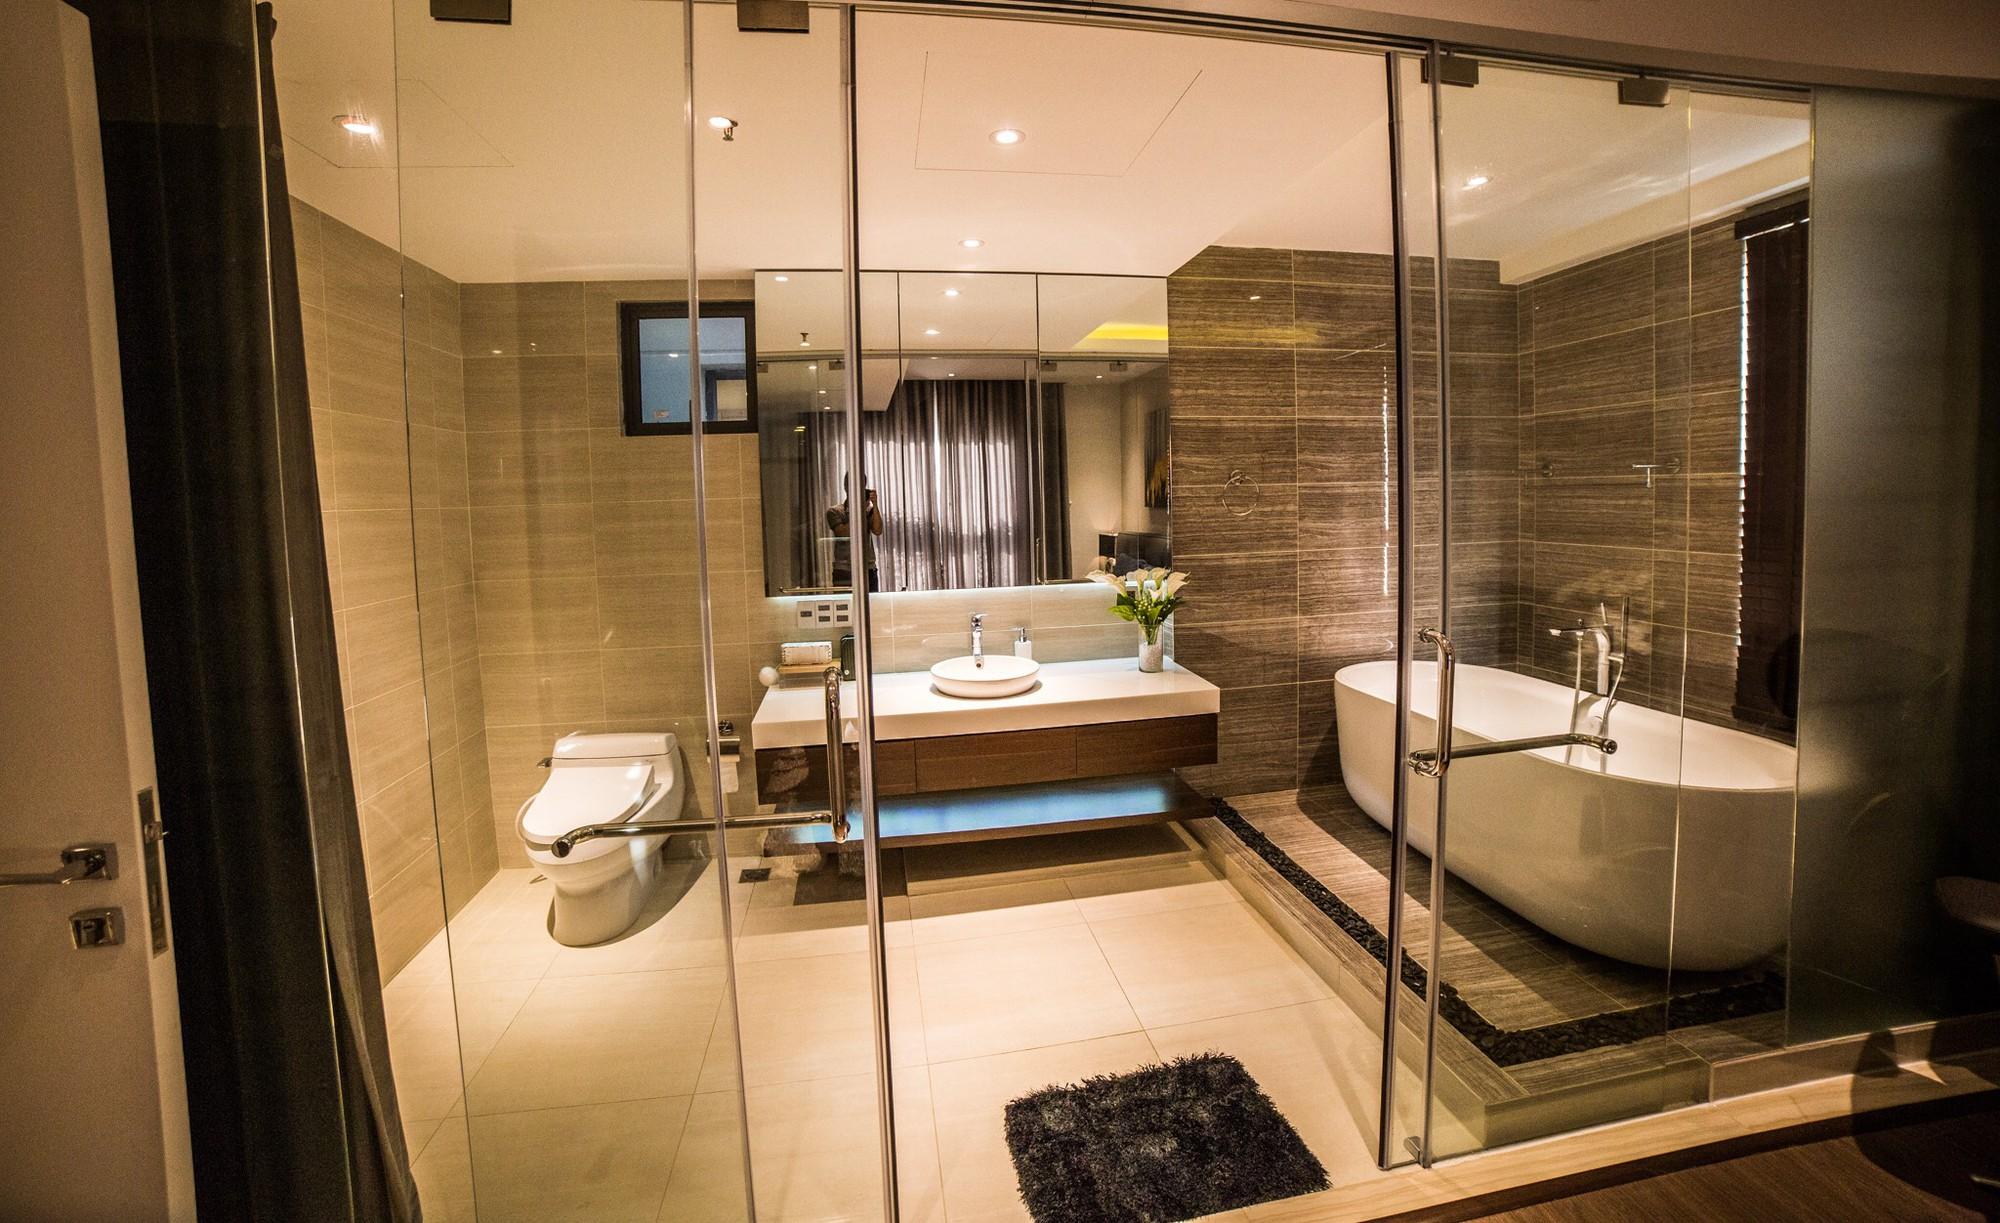 Những Mẫu Thiết Kế Phòng Tắm Khách Sạn hiện đại và tiện nghi nhất